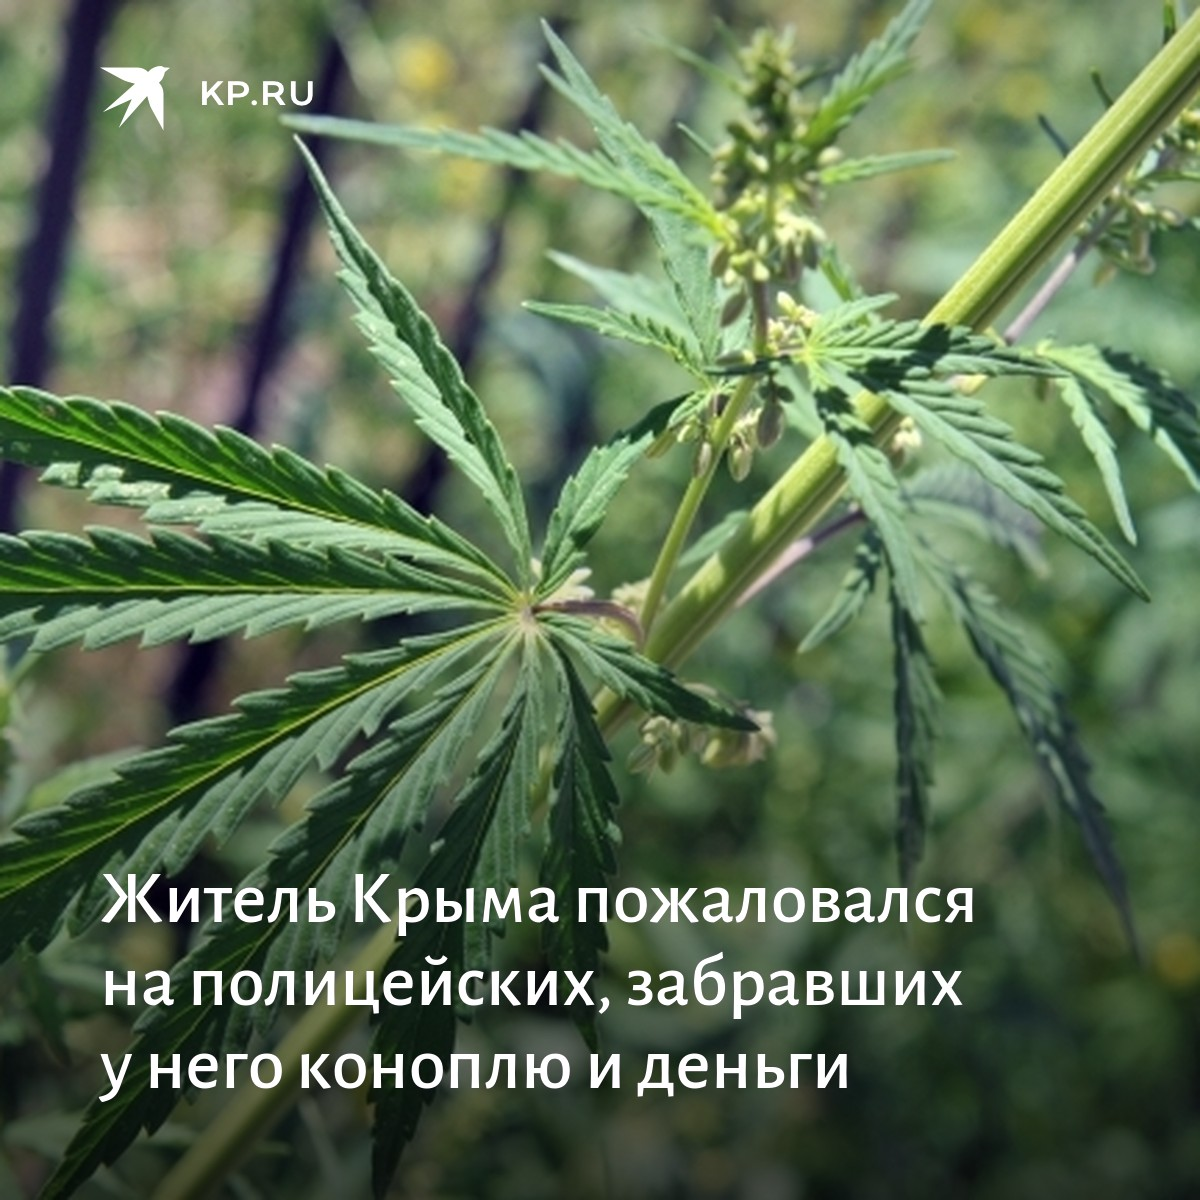 Где в кемерово растет конопля сорт марихуаны лучшие